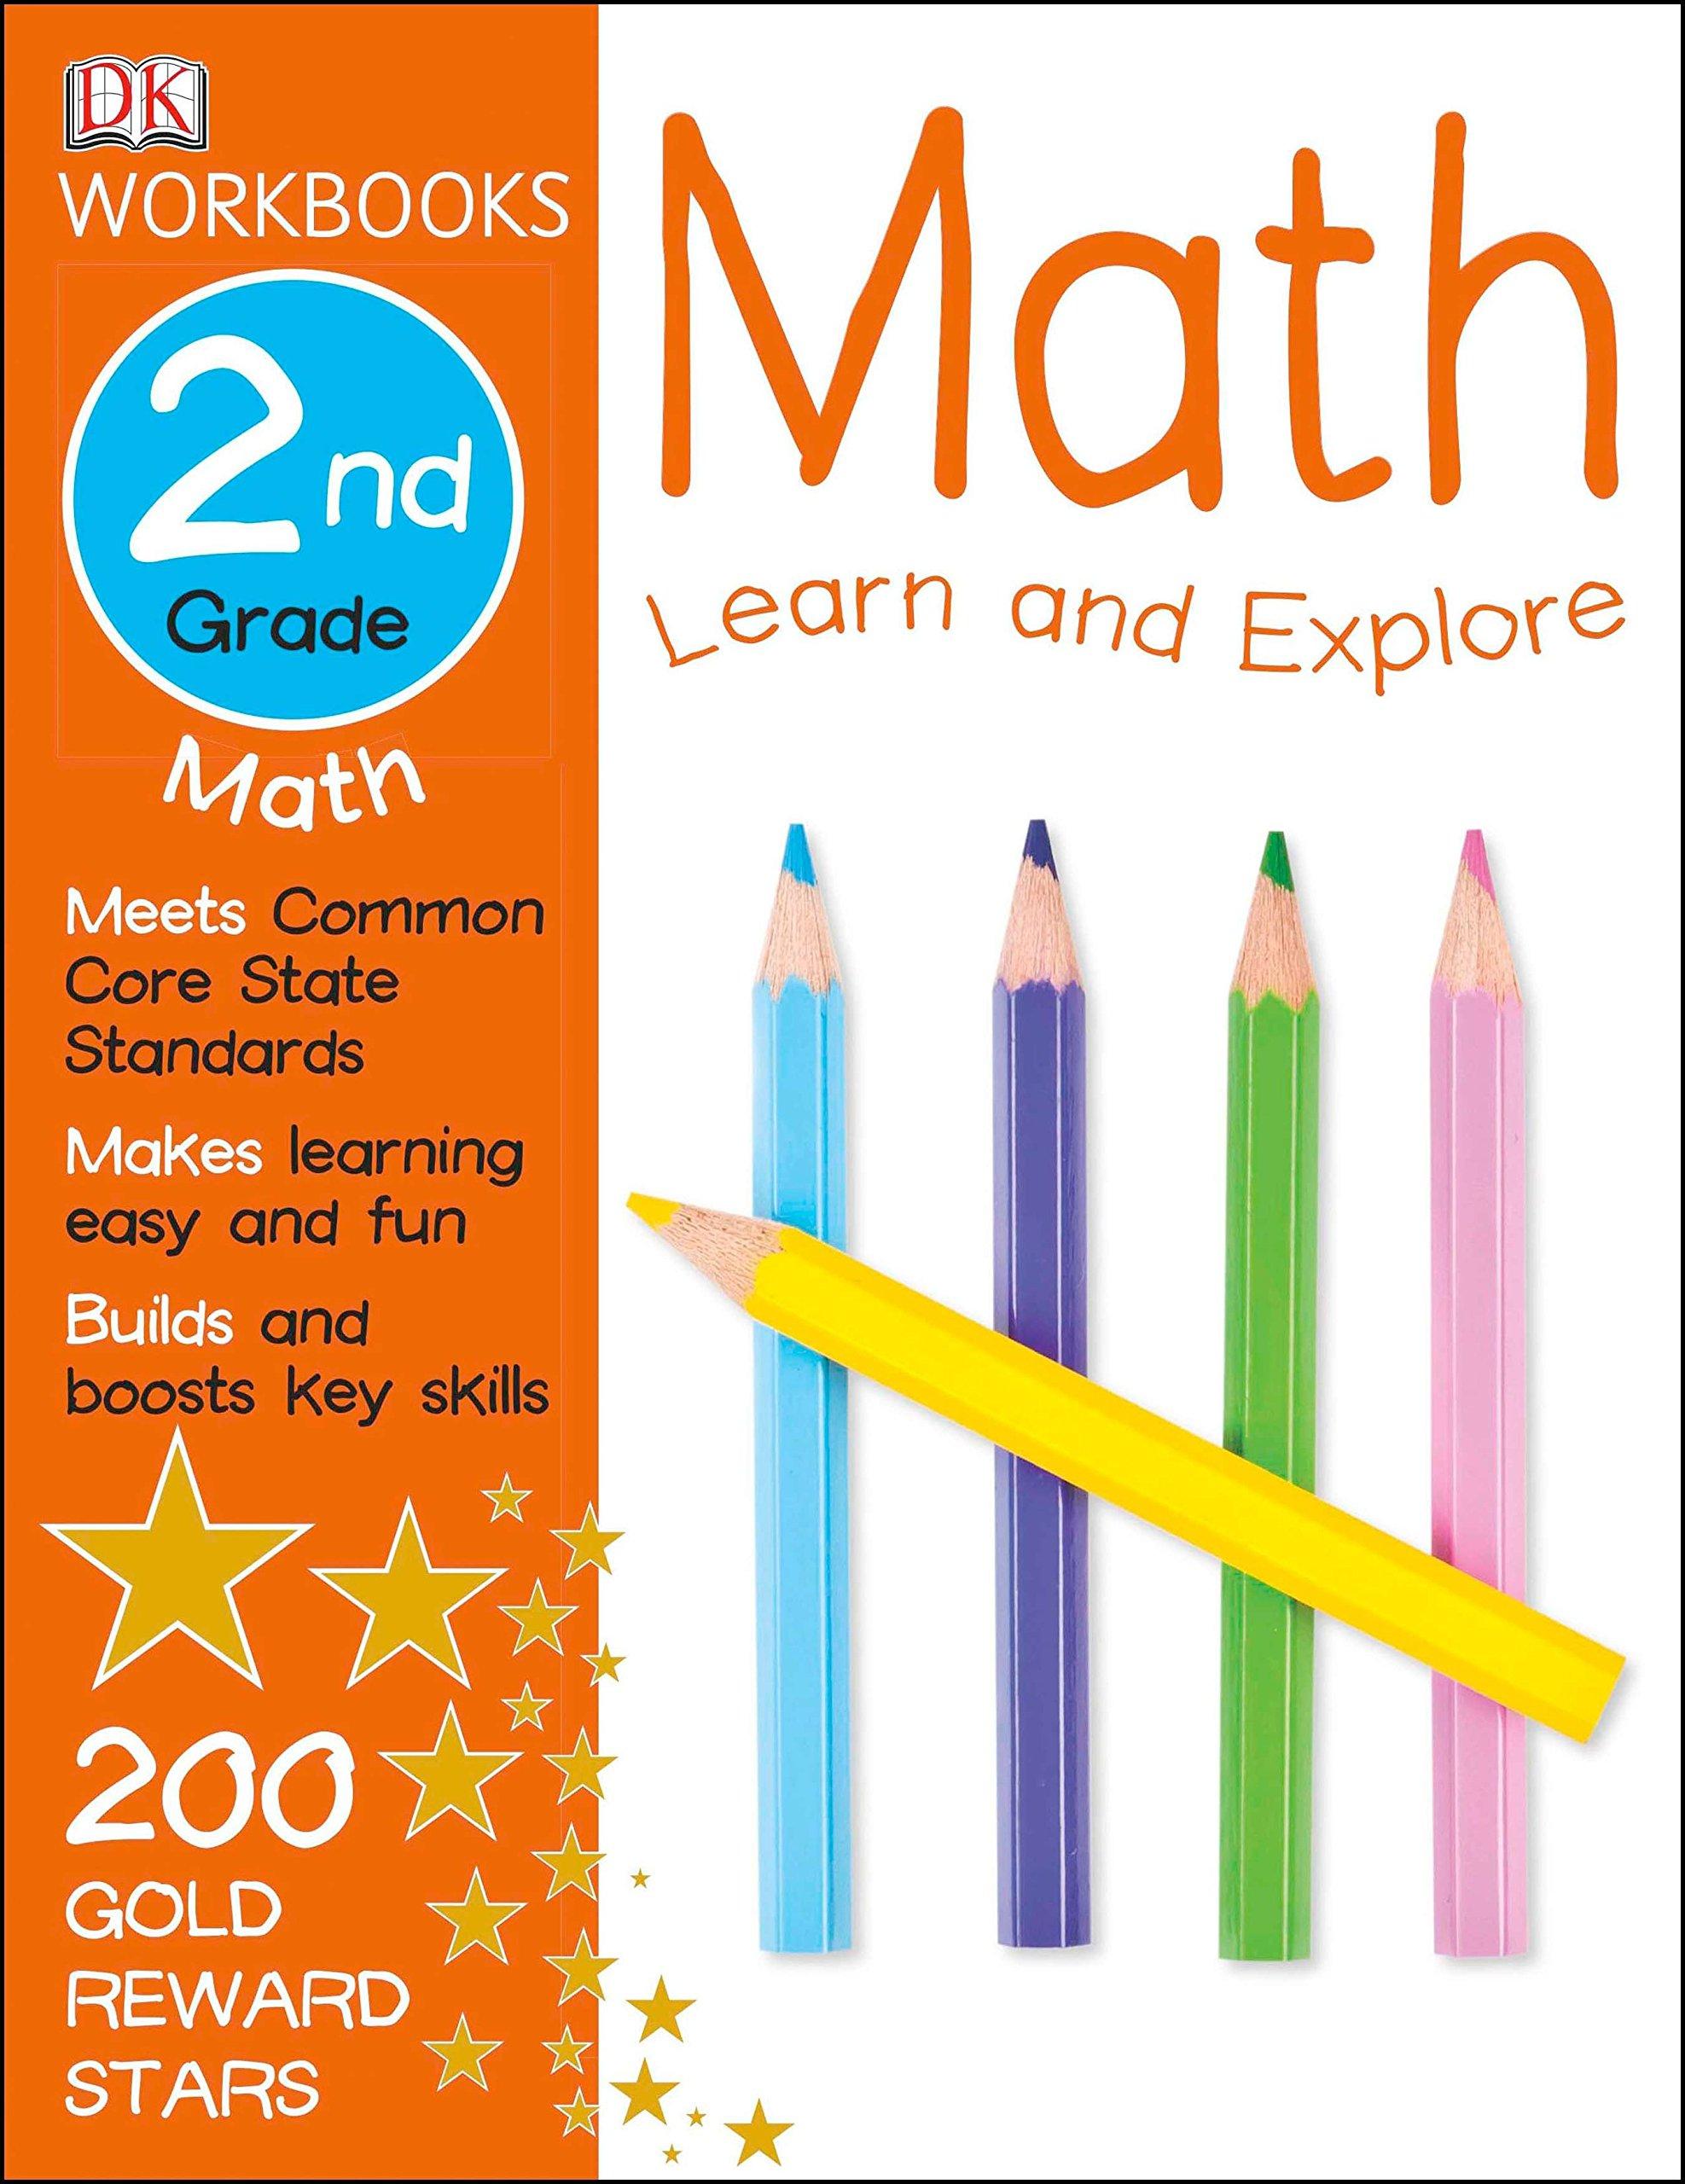 DK Workbooks: Math, Second Grade ebook